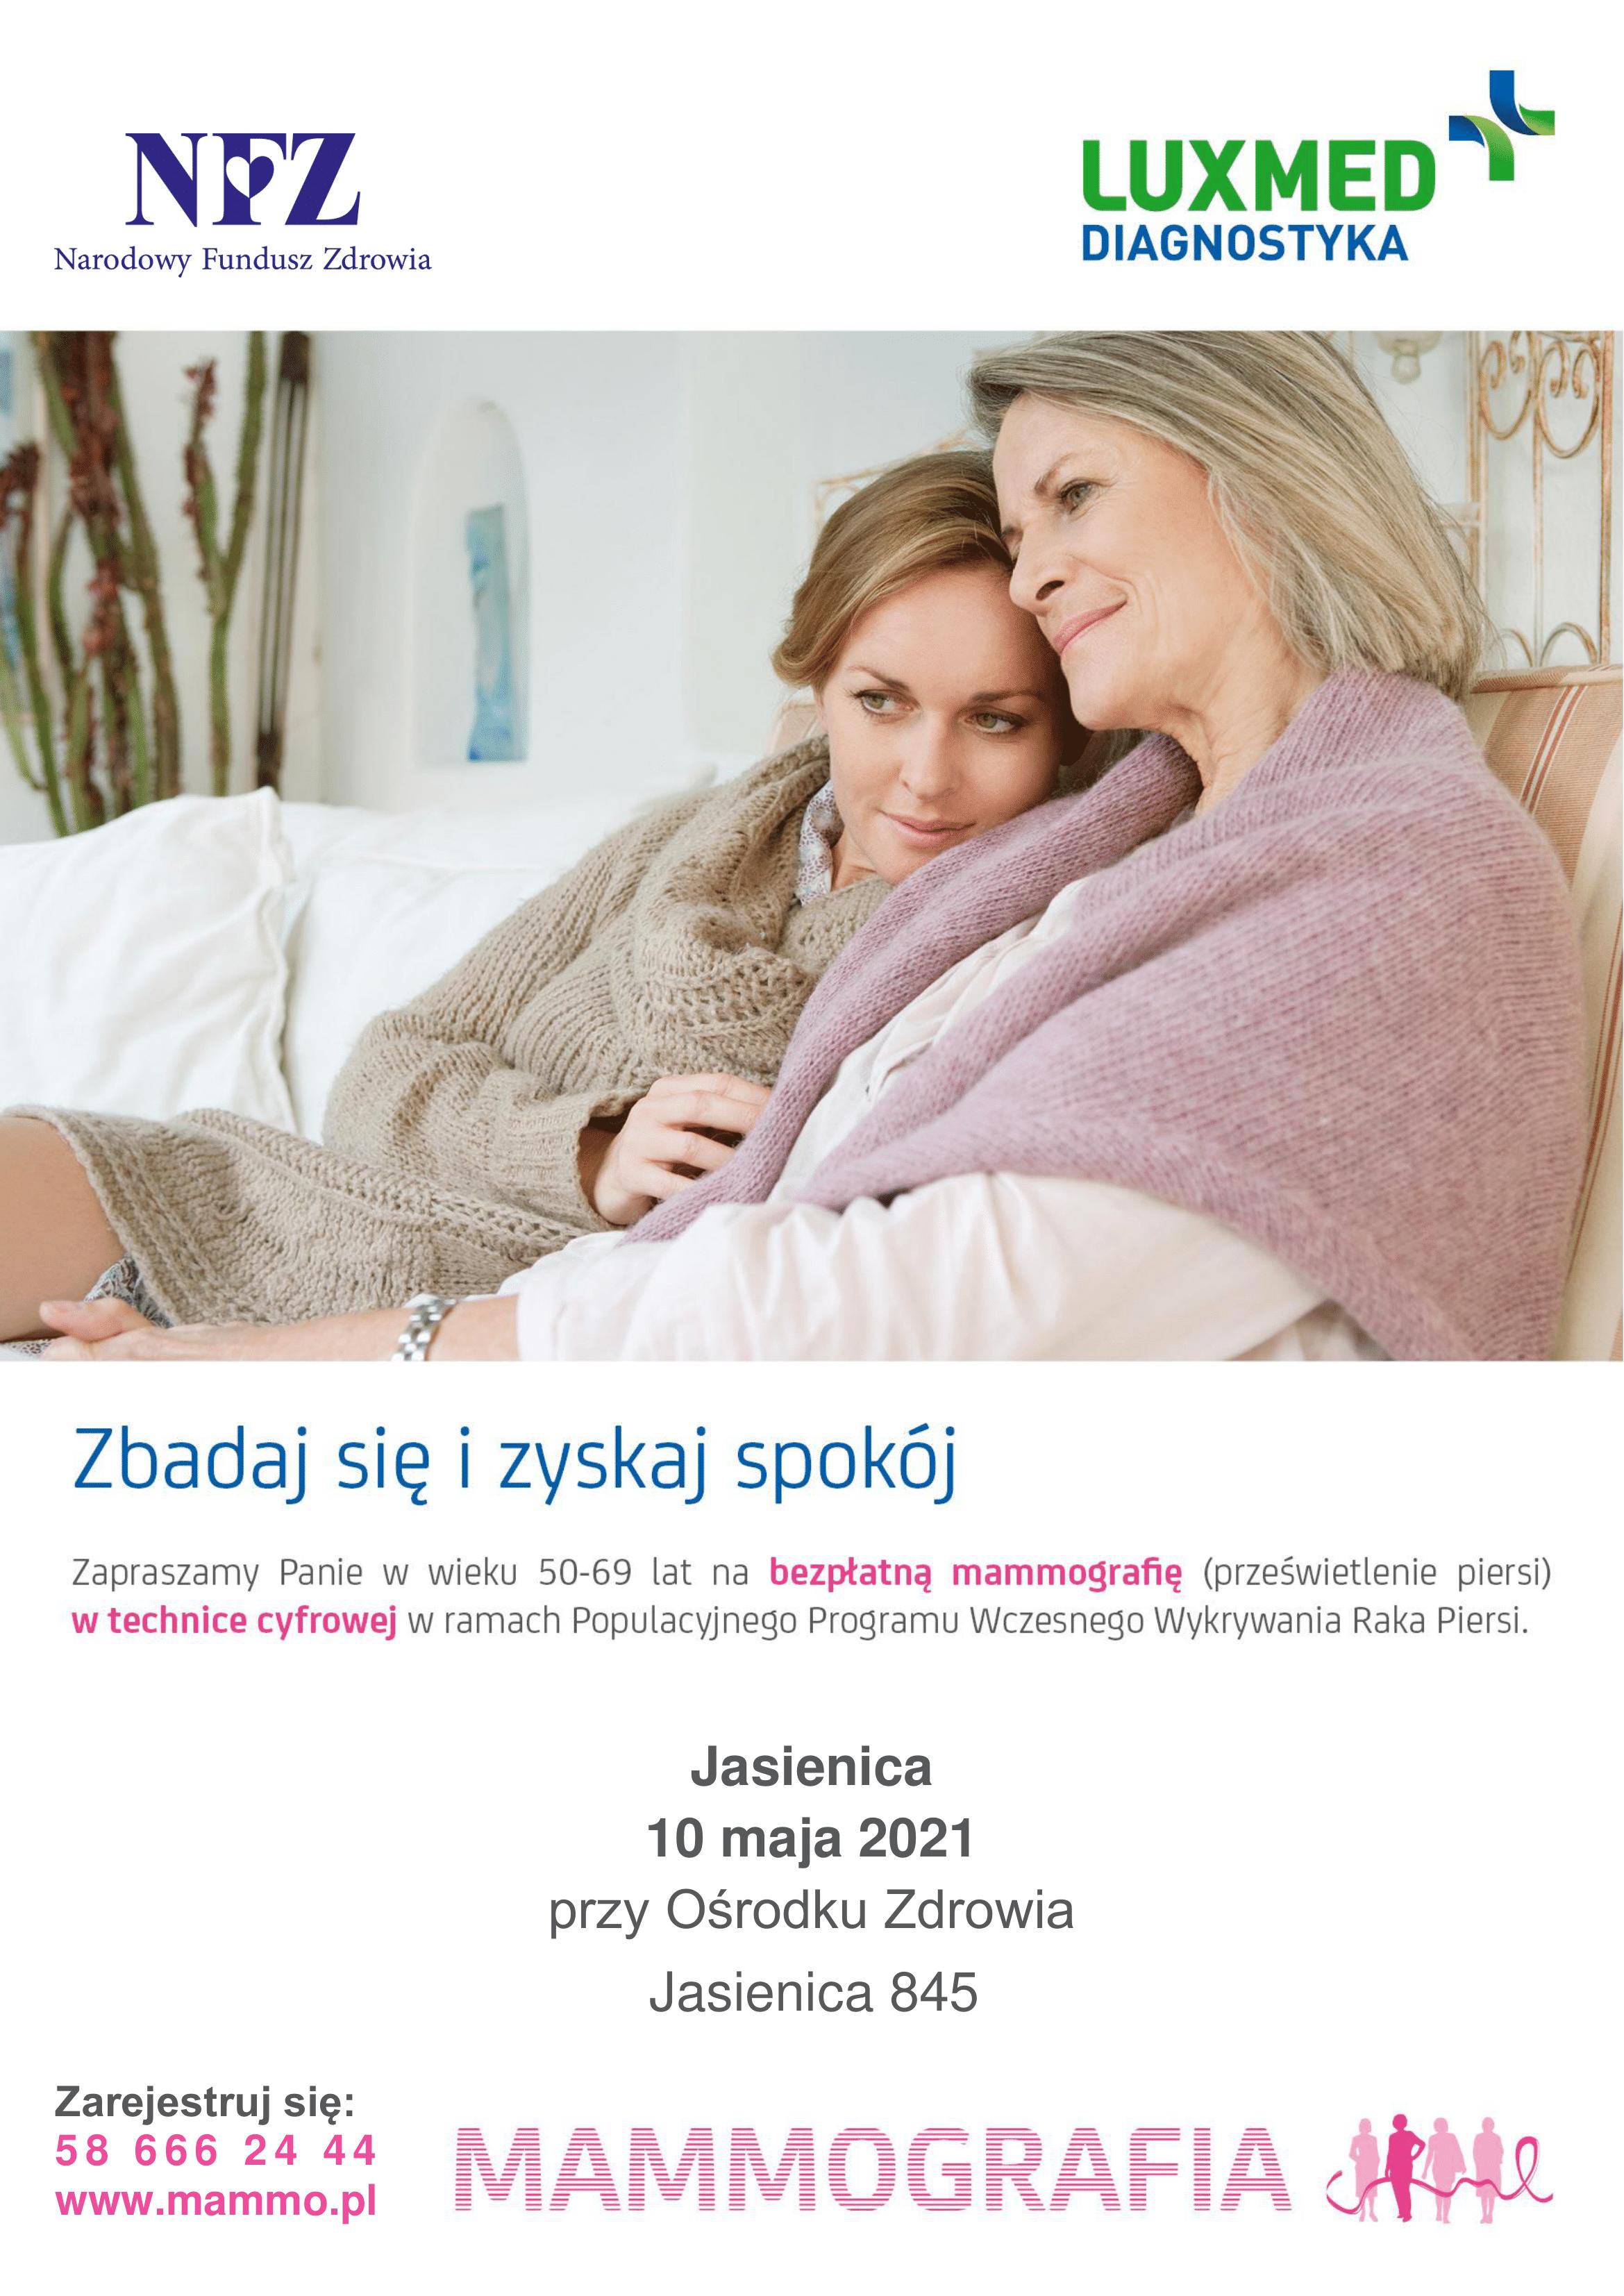 Plakat informujący o bezpłatnej mammografii dla kobiet.